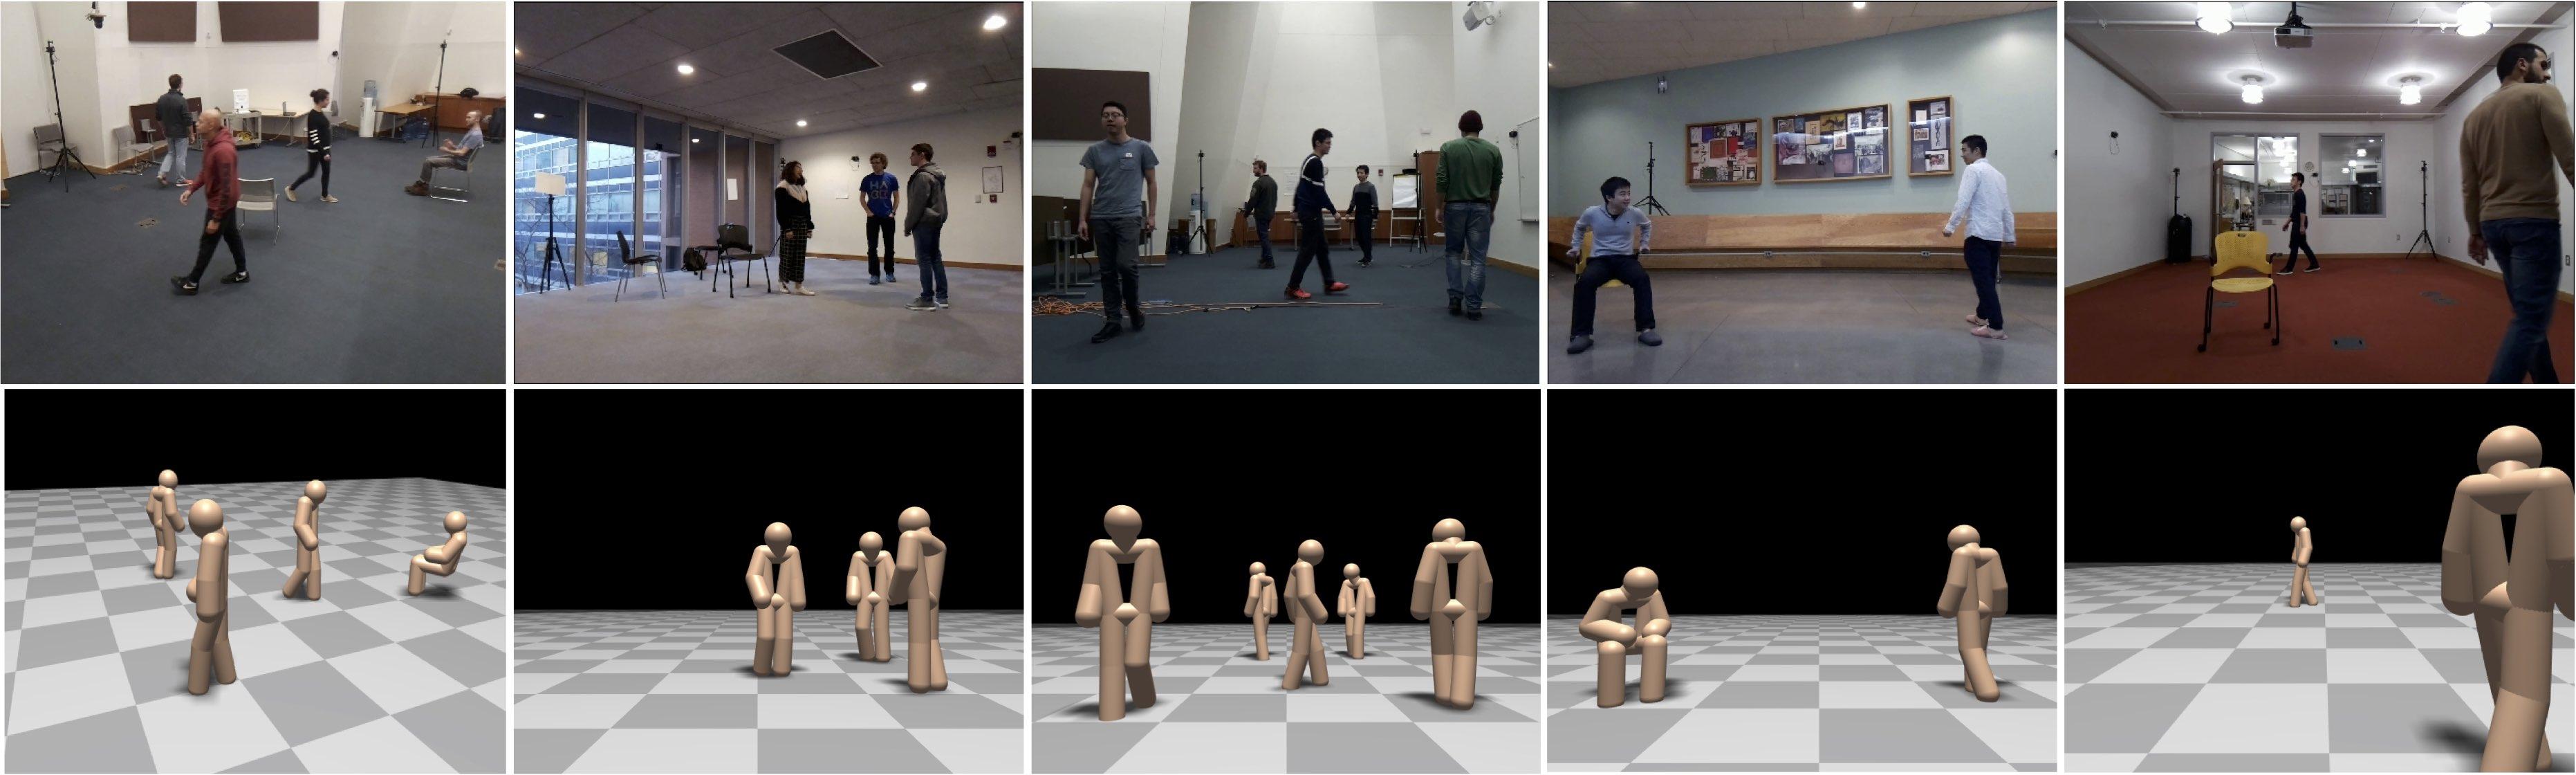 RF-Based 3D Skeletons